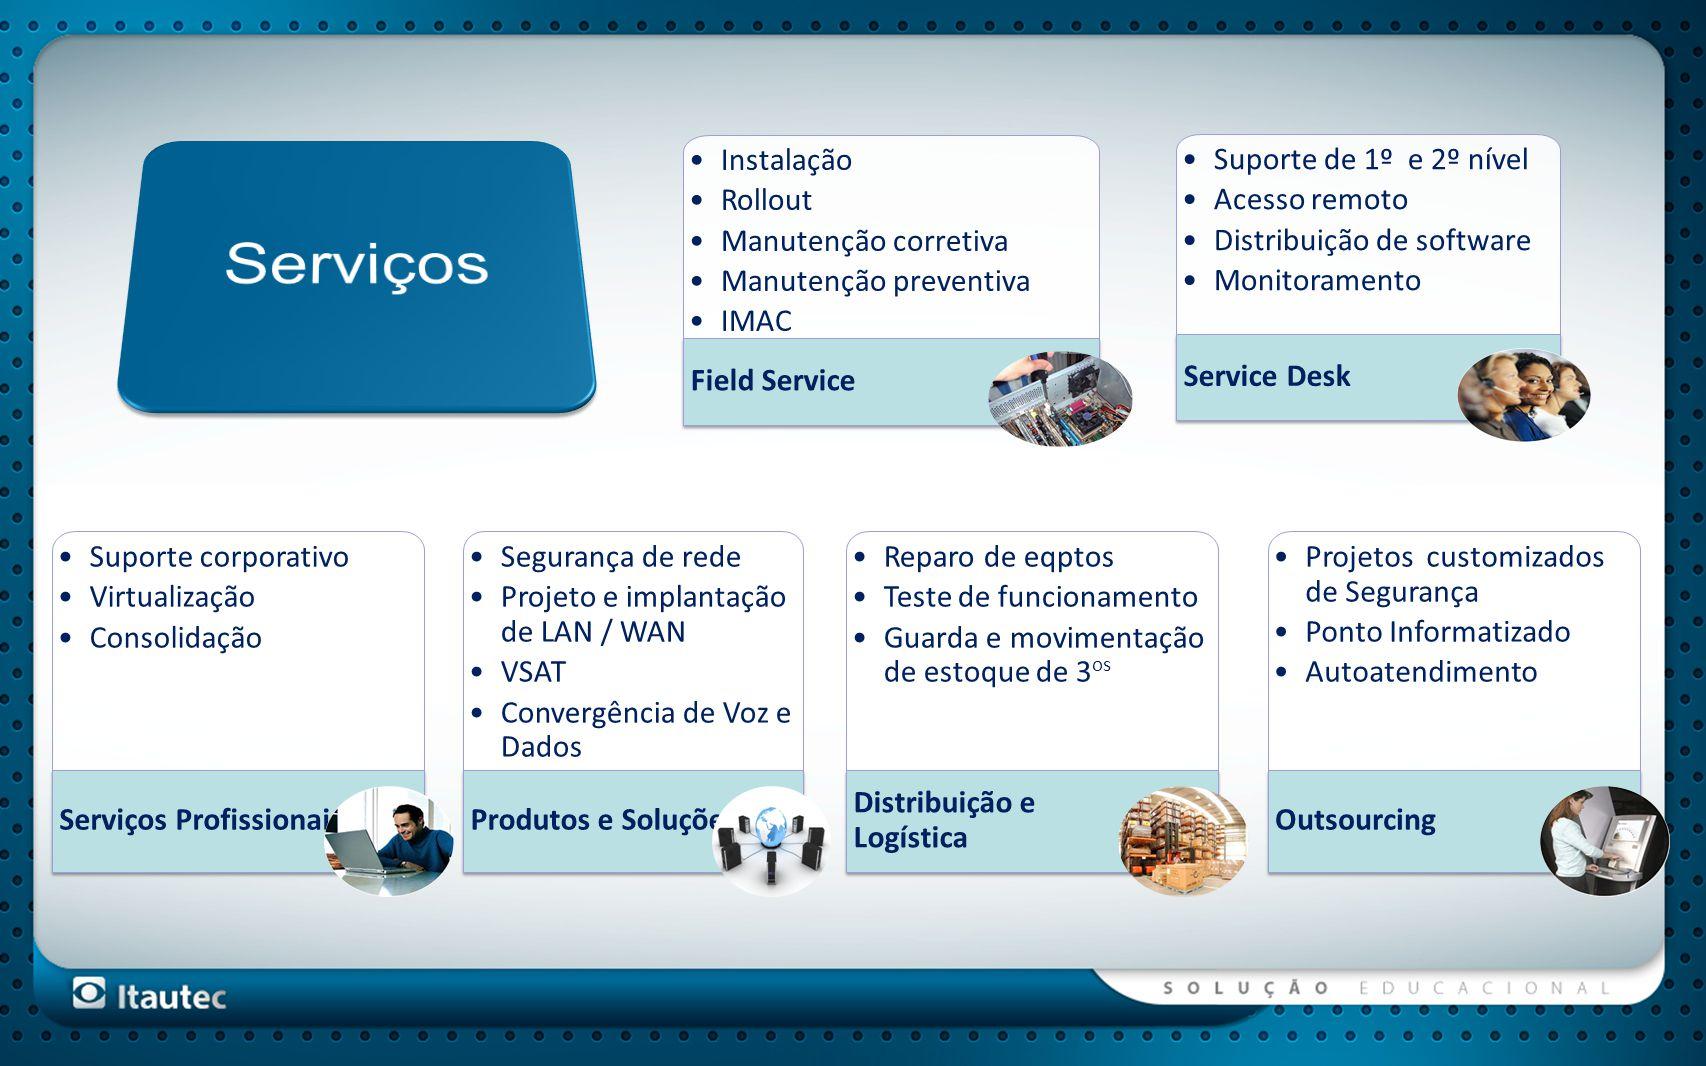 Instalação Rollout Manutenção corretiva Manutenção preventiva IMAC Field Service Suporte de 1º e 2º nível Acesso remoto Distribuição de software Monit